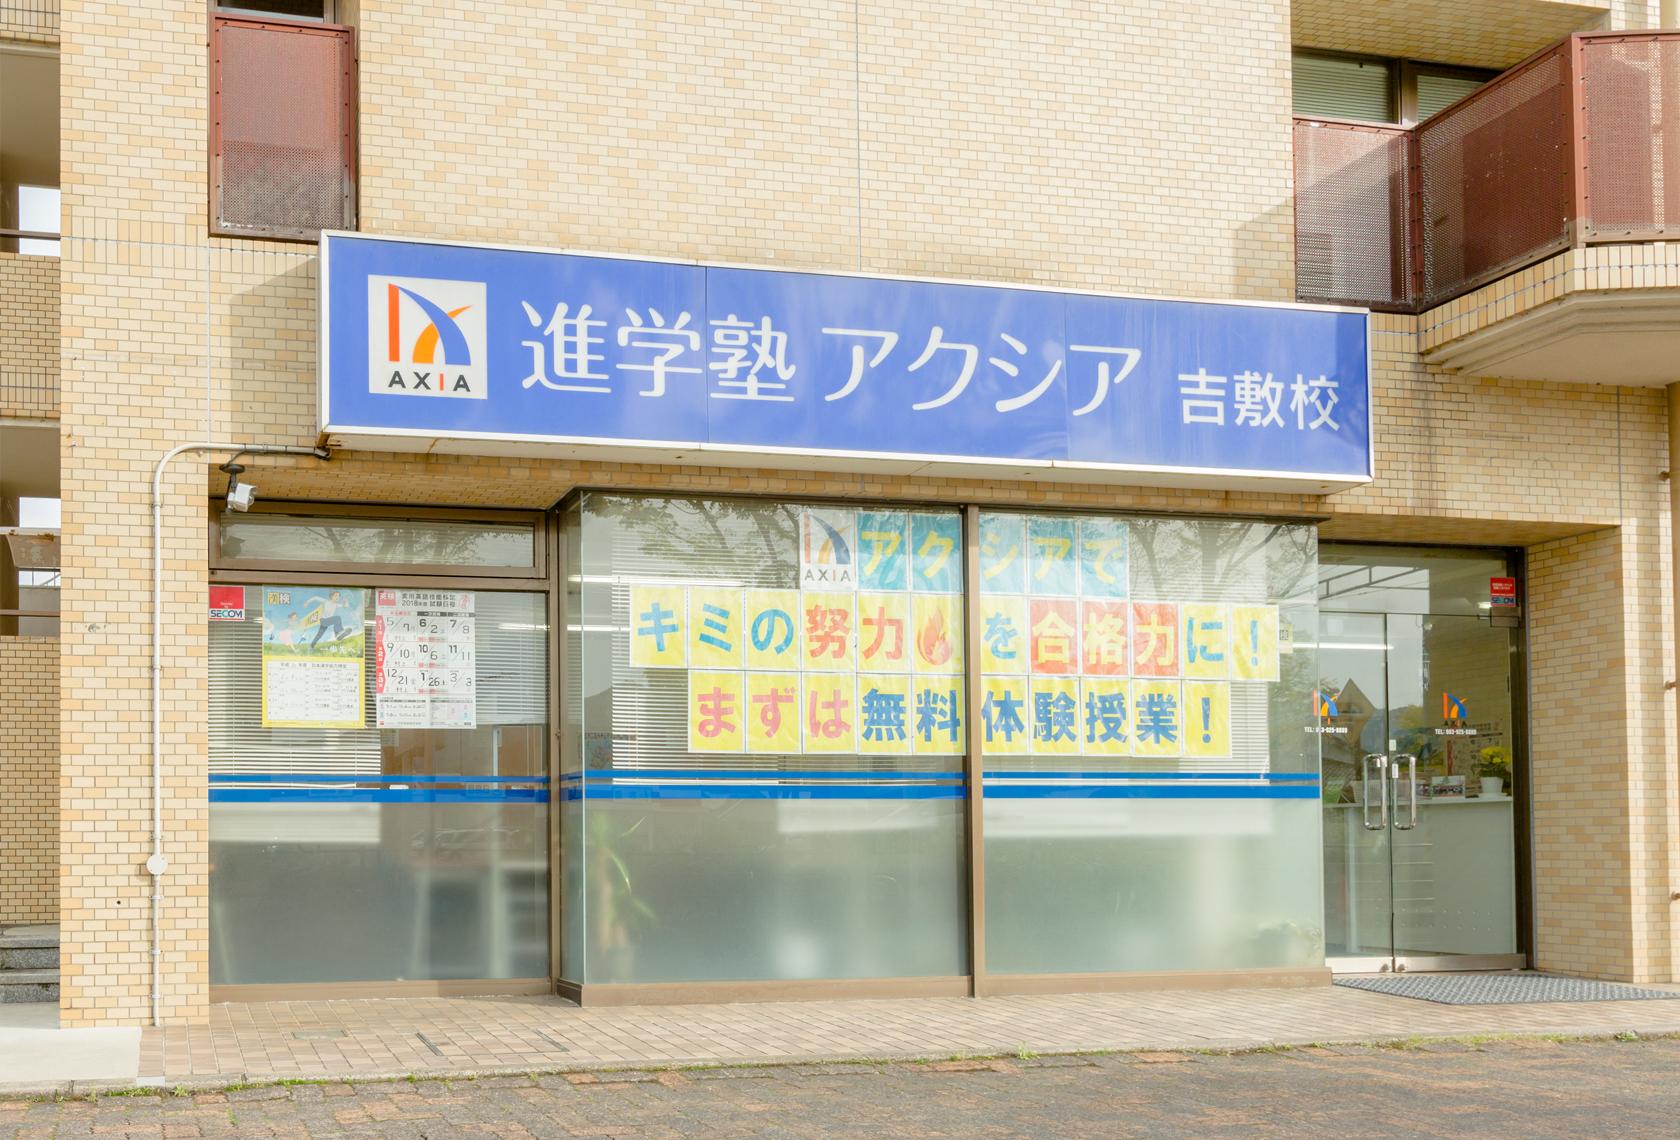 進学塾アクシア 吉敷校